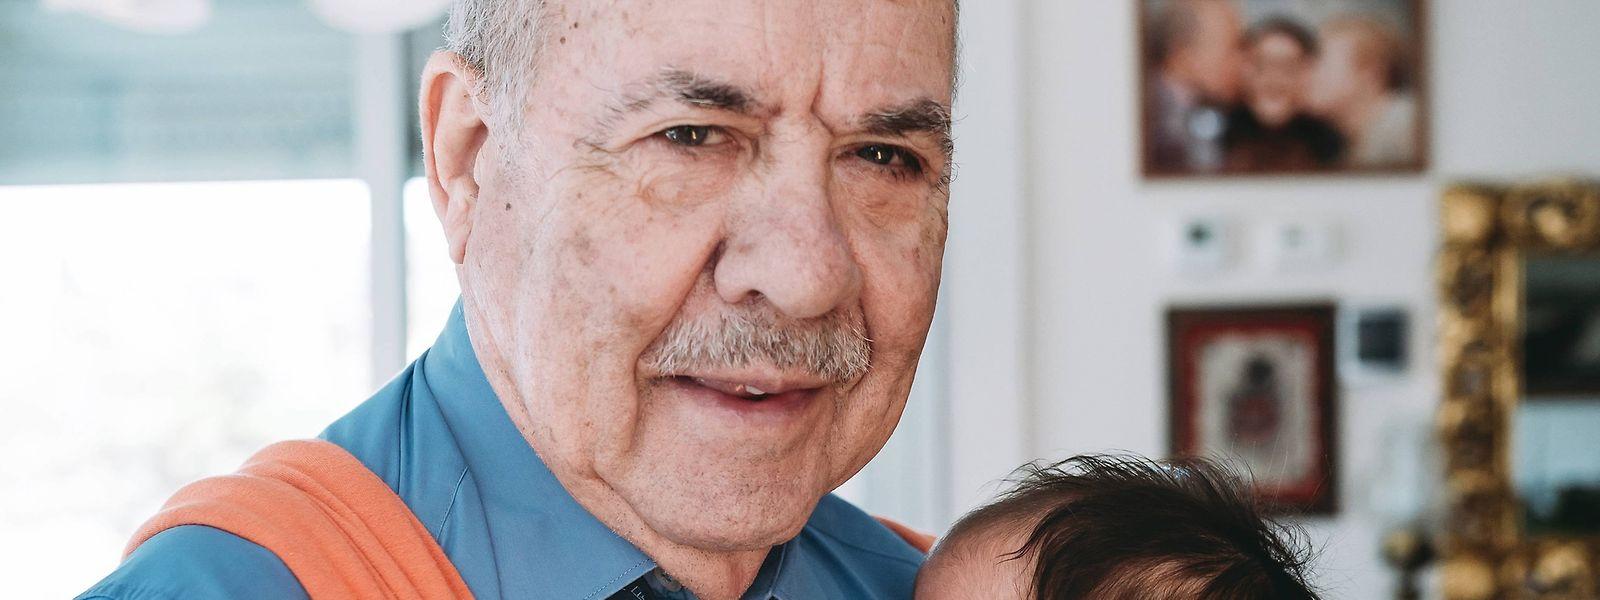 Vor allem im Säuglingsalter sind es häufig die Omas, die mehr Betreuung übernehmen. Wer als Opa eine wichtige Rolle spielen möchte, sollte sich aber von Anfang an beteiligen.